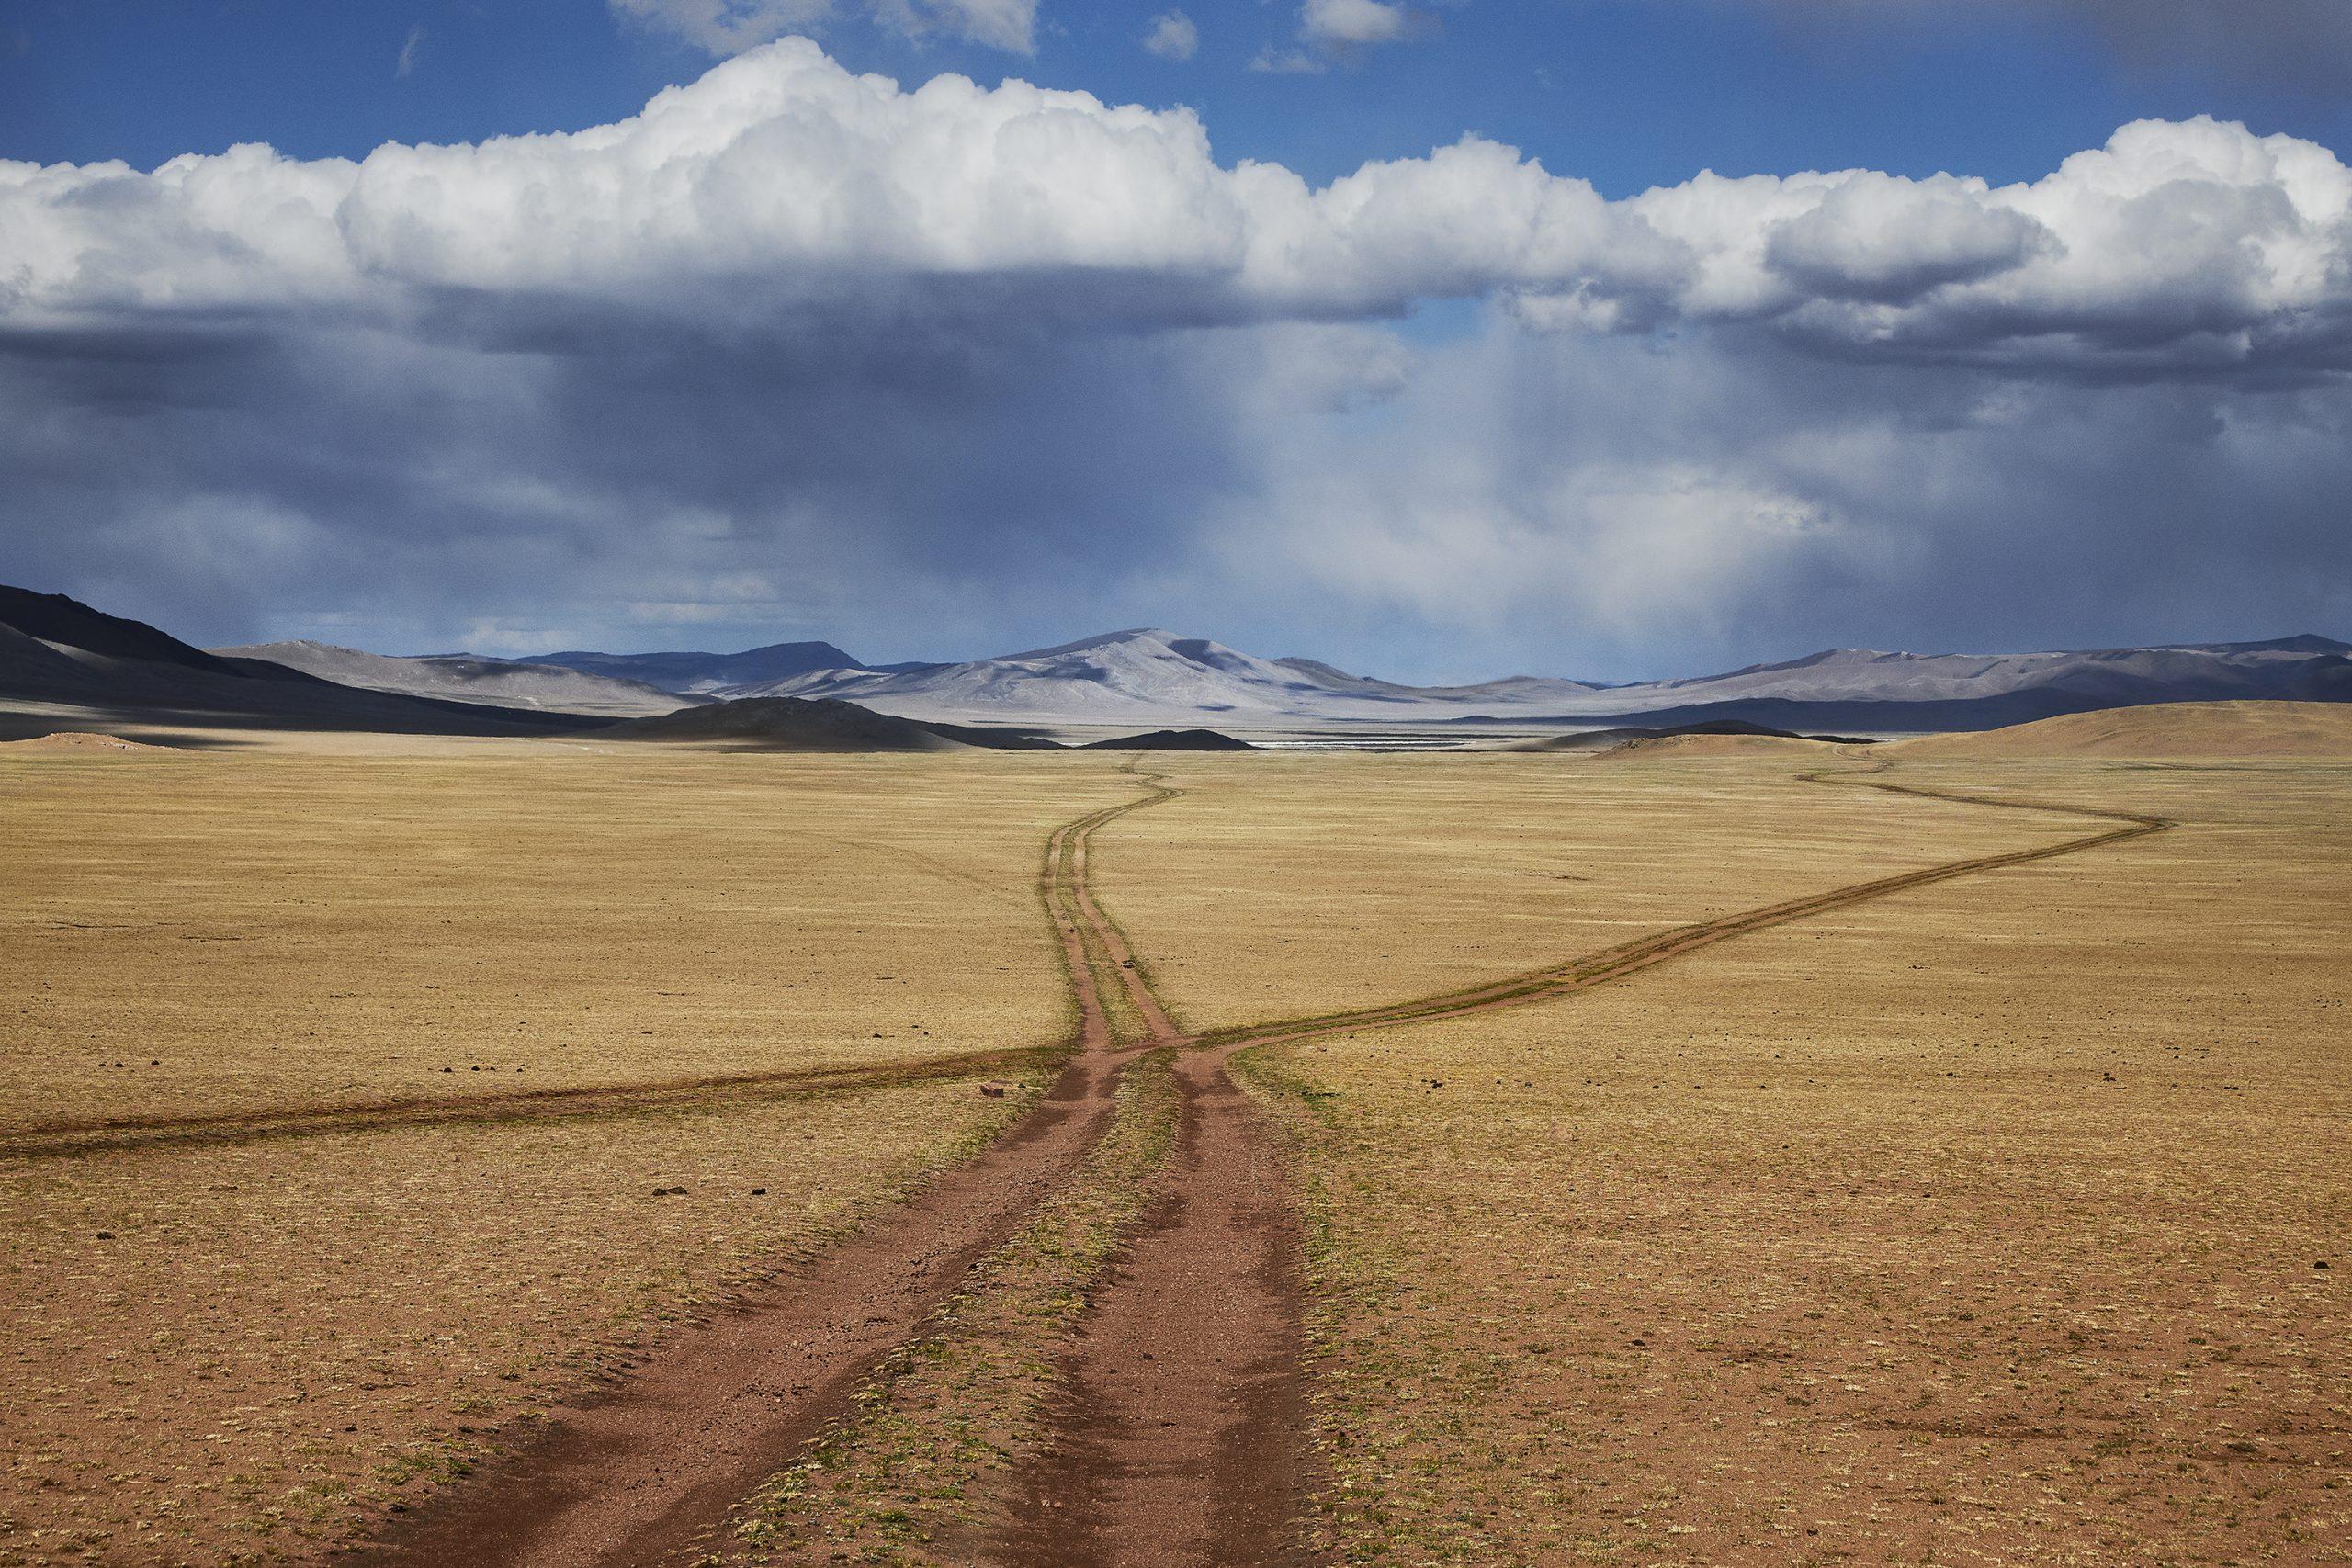 史蒂夫·麦卡里(Steve McCurry),蒙古,风景,田野,山脉,天空